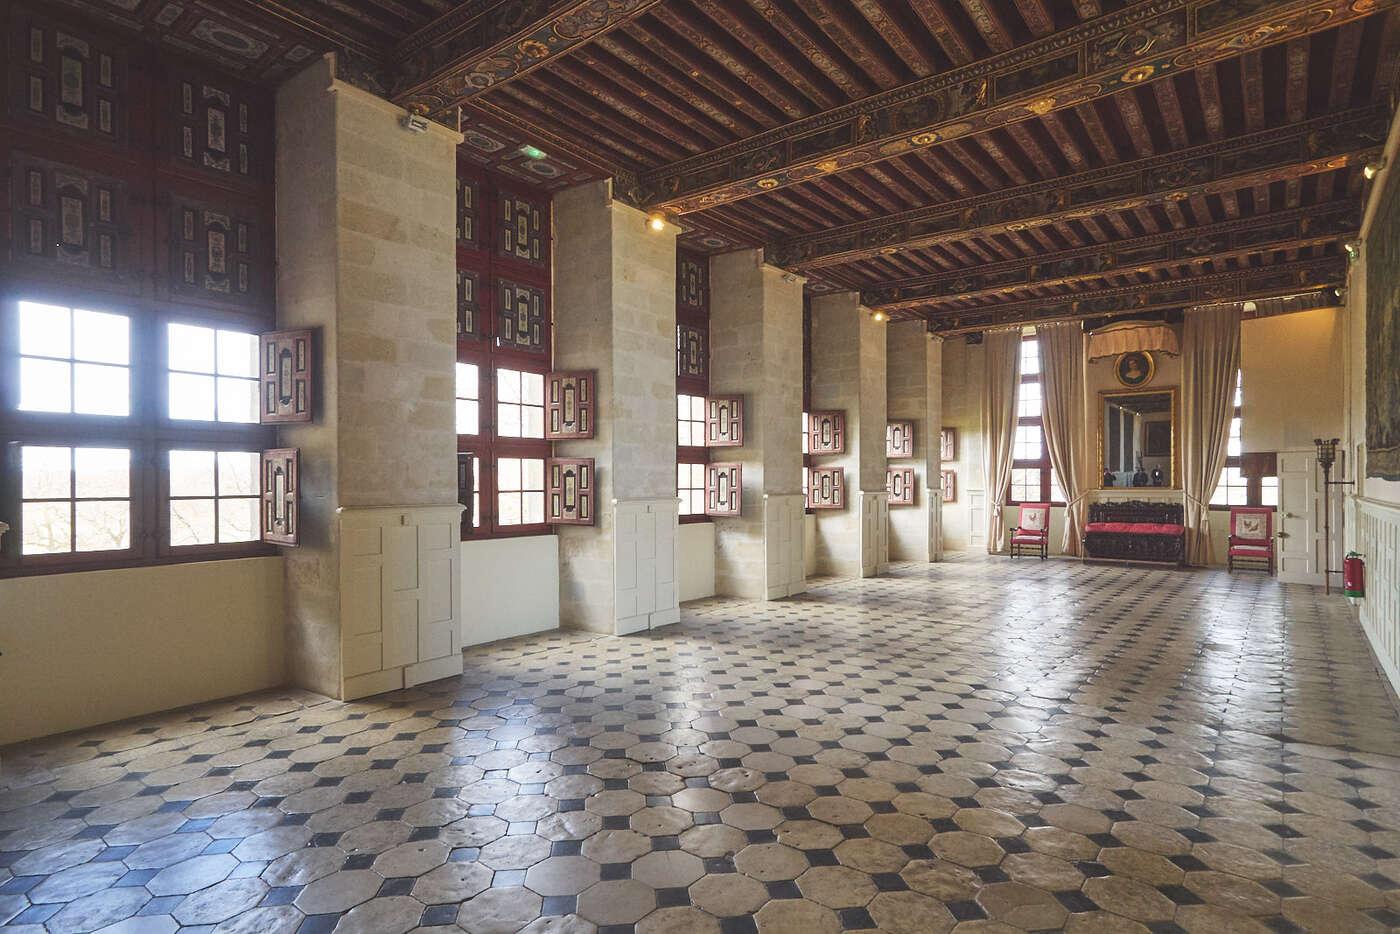 Grande galerie du château de Brissac